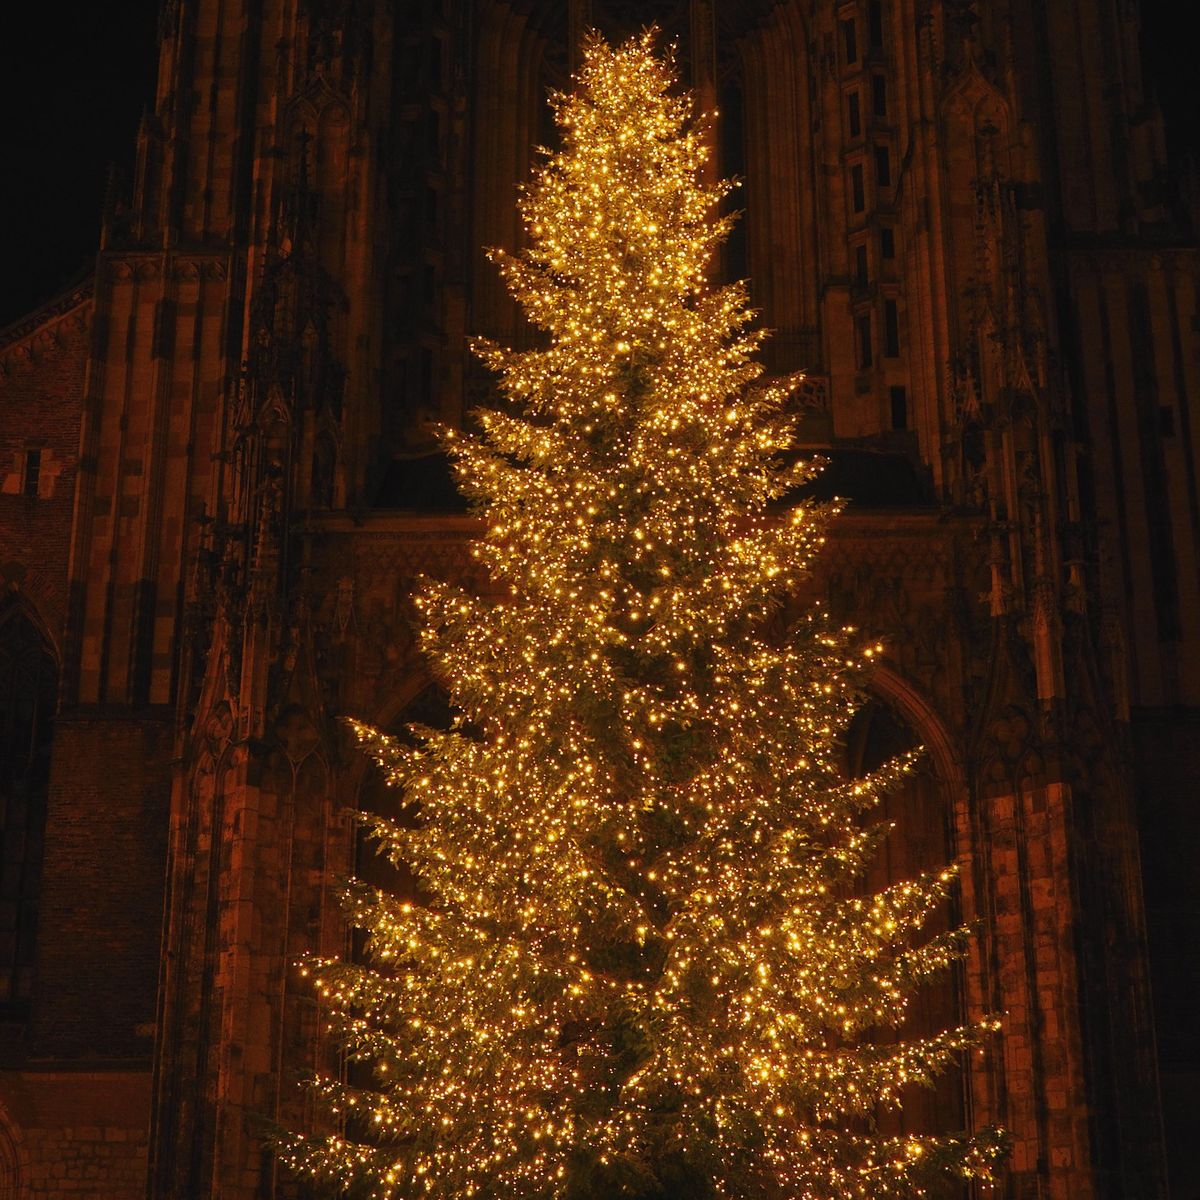 Ursprung Weihnachtsbaum.Die Geschichte Des Weihnachtsbaumes Baumpflegeportal De